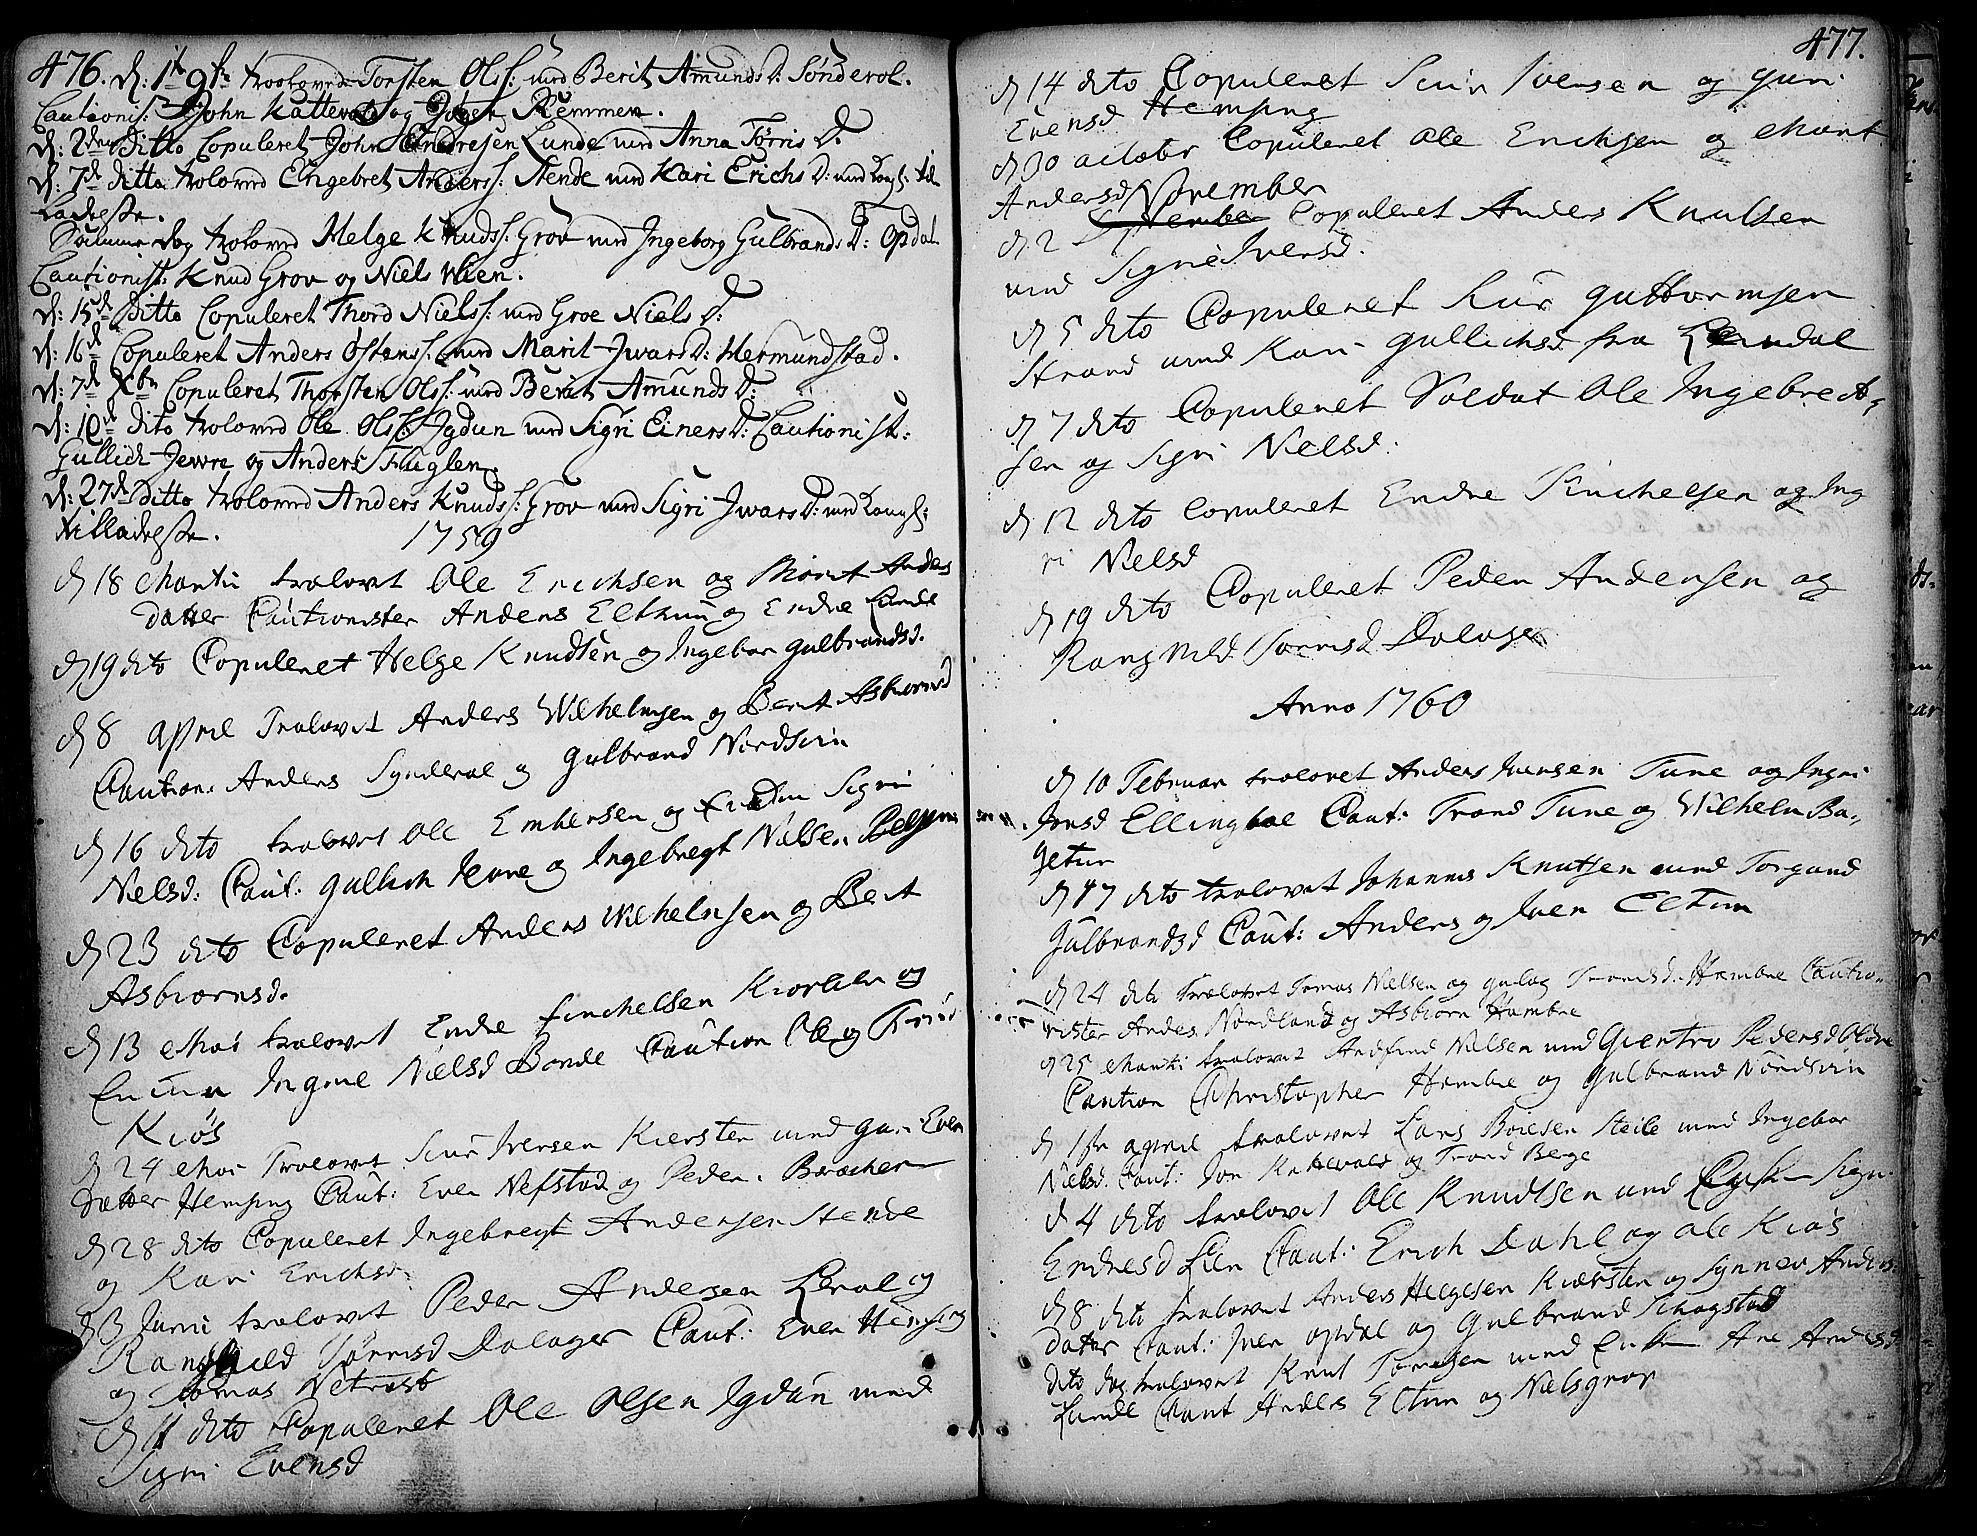 SAH, Vang prestekontor, Valdres, Ministerialbok nr. 1, 1730-1796, s. 476-477